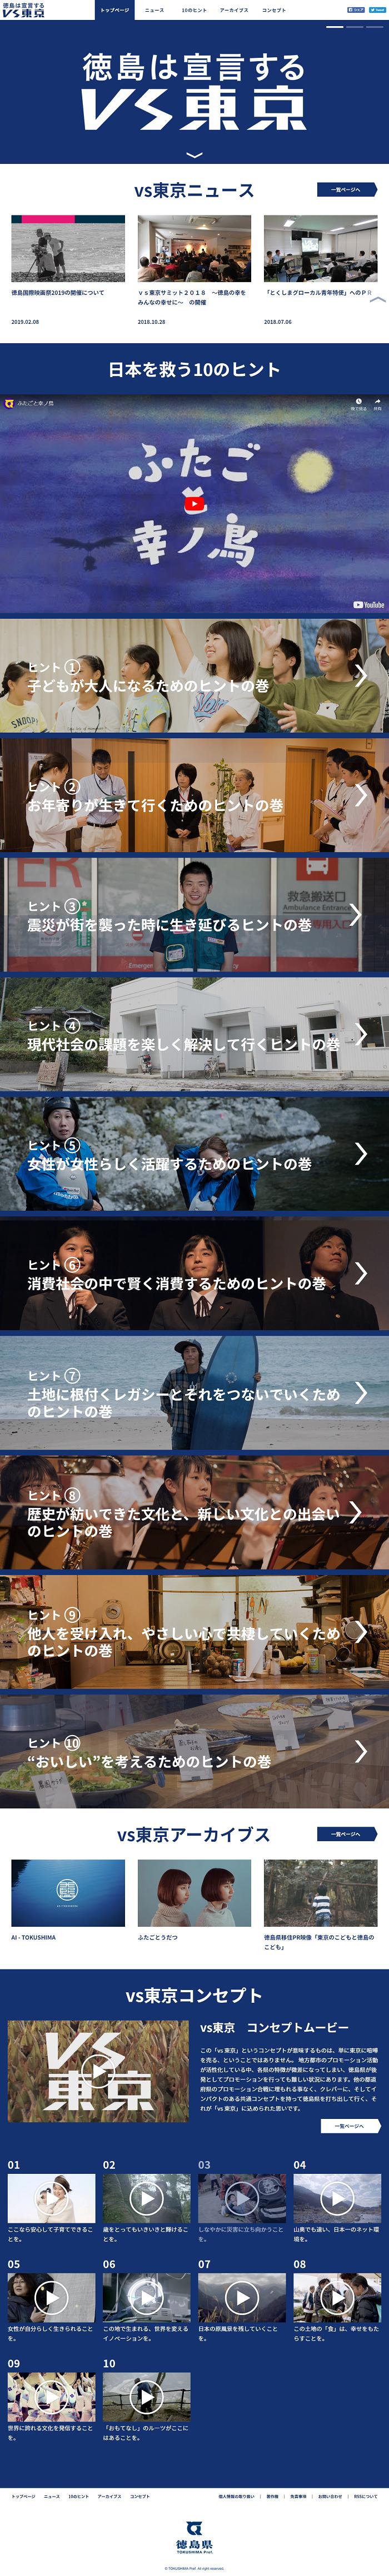 徳島県 PRサイト